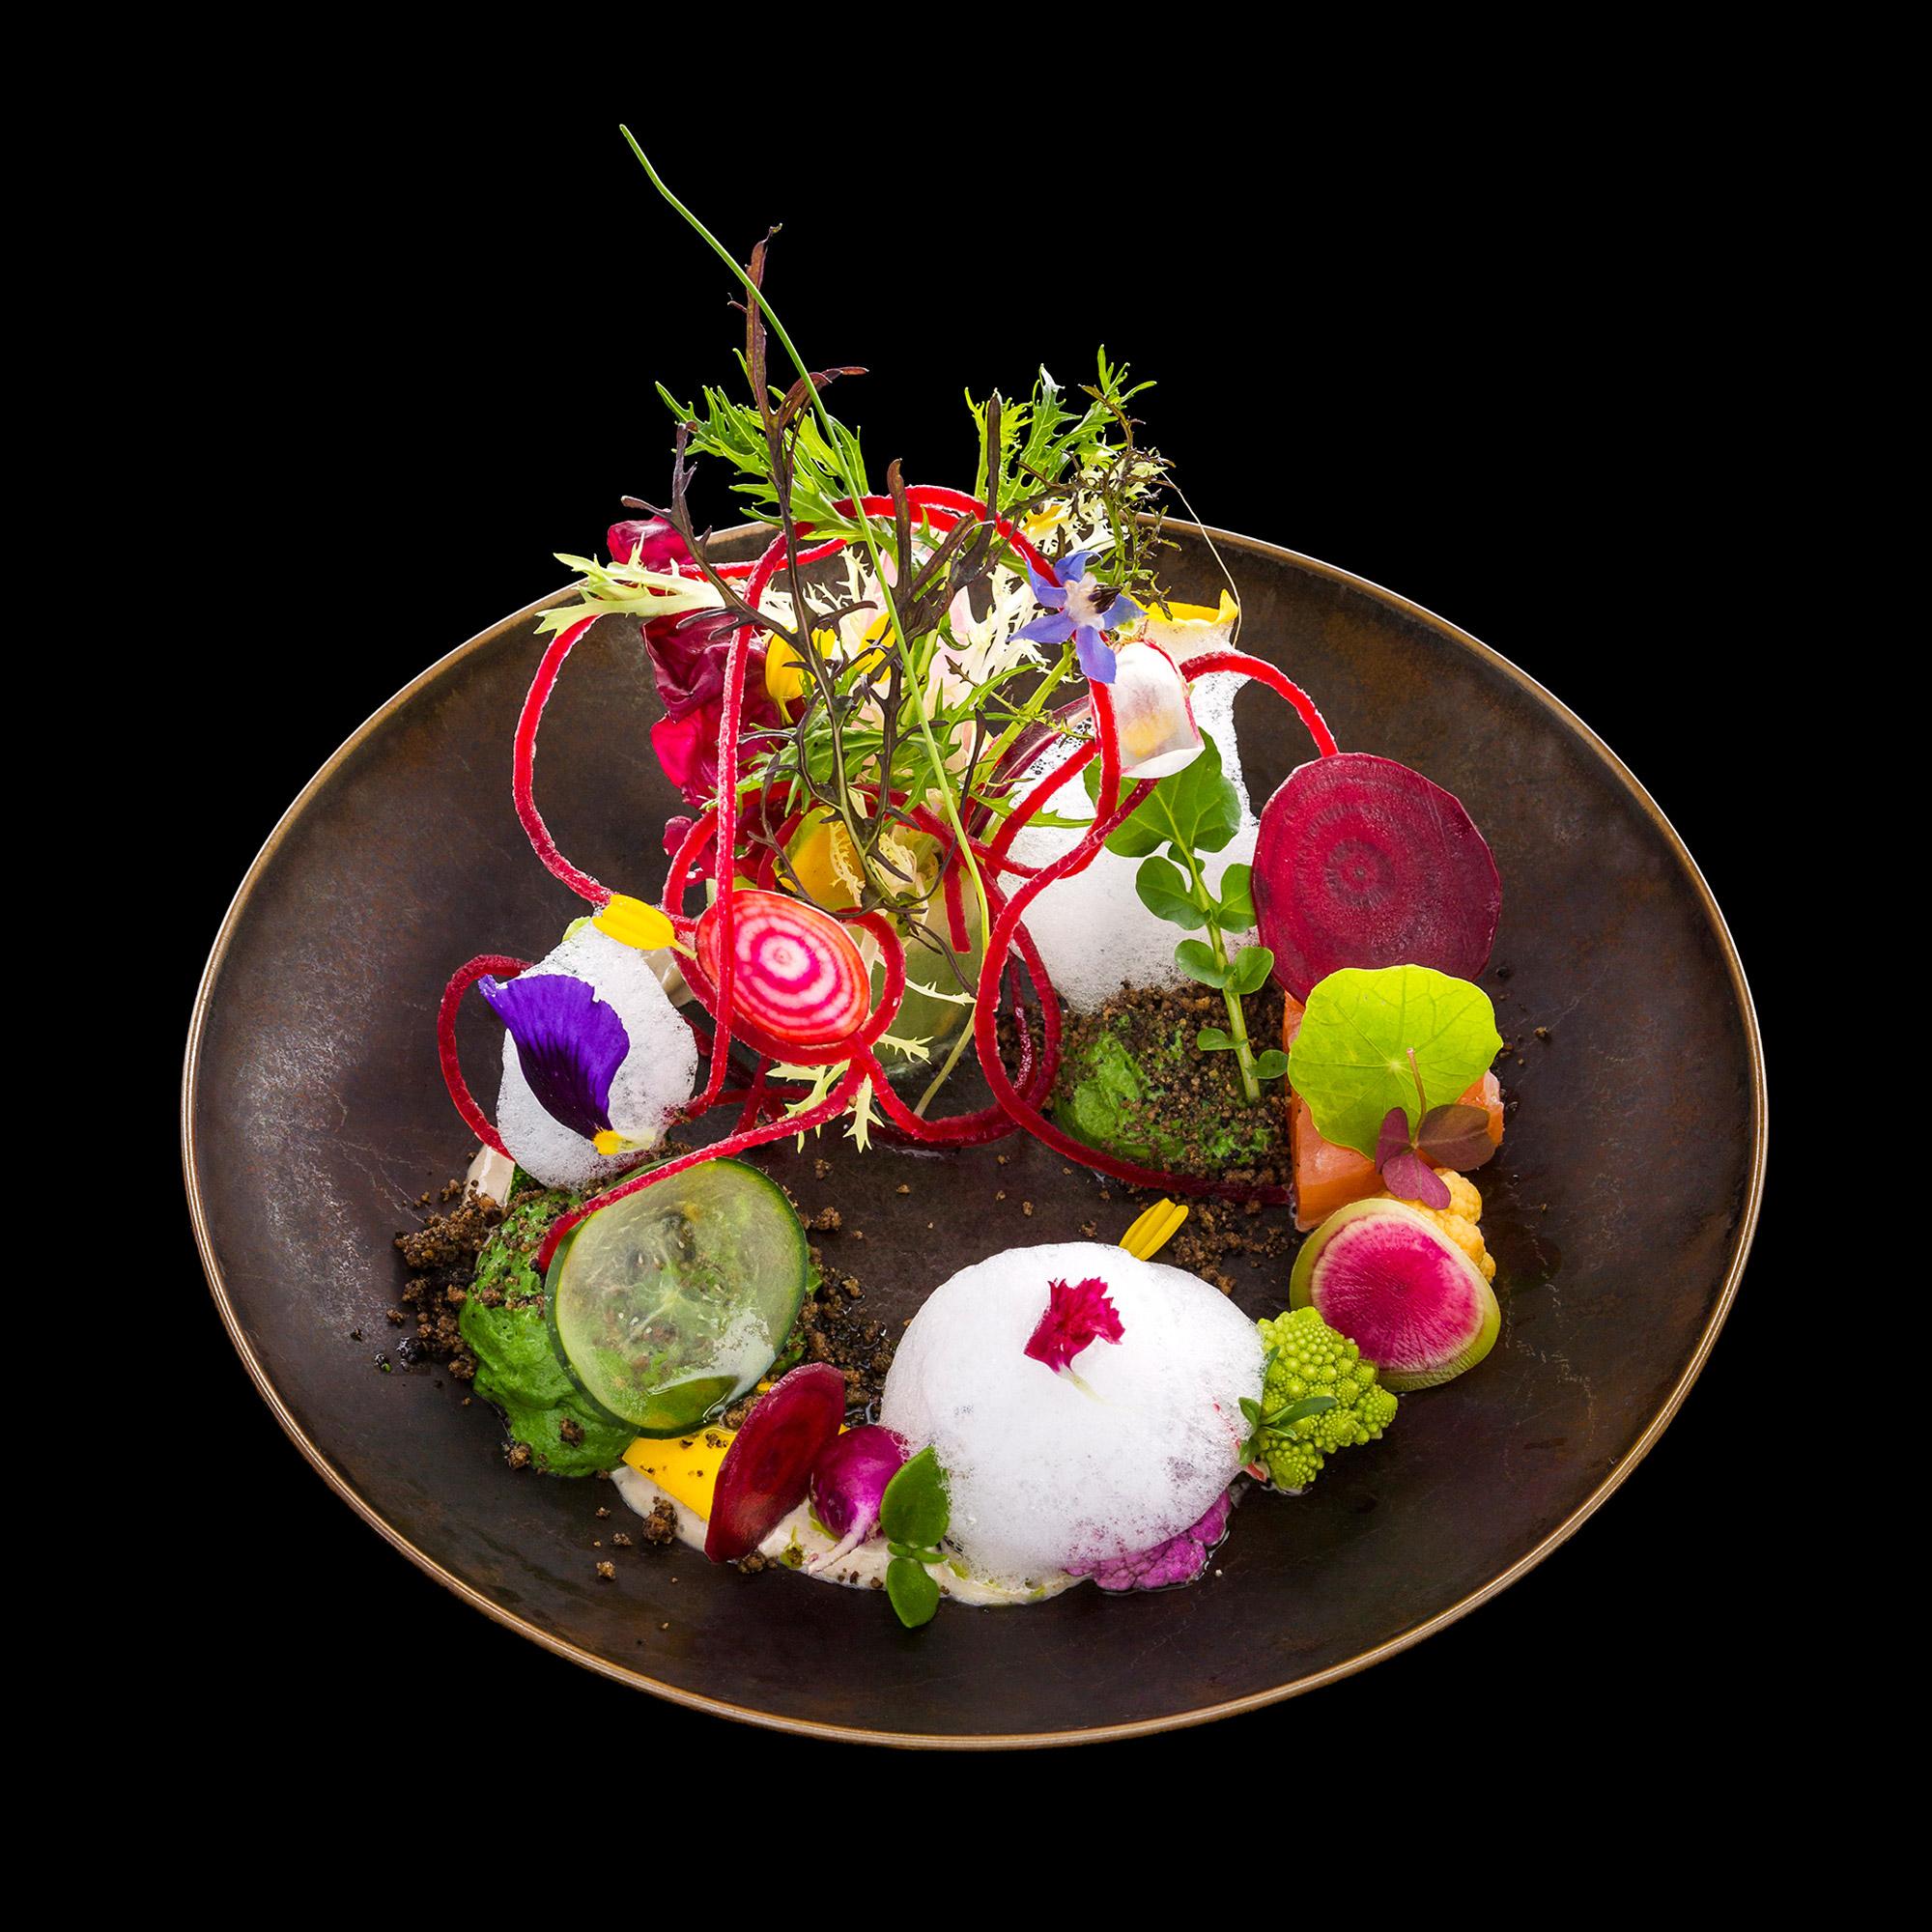 Idée Repas Pour Deux Amoureux 6 restaurants romantiques à paris pour un dîner en amoureux